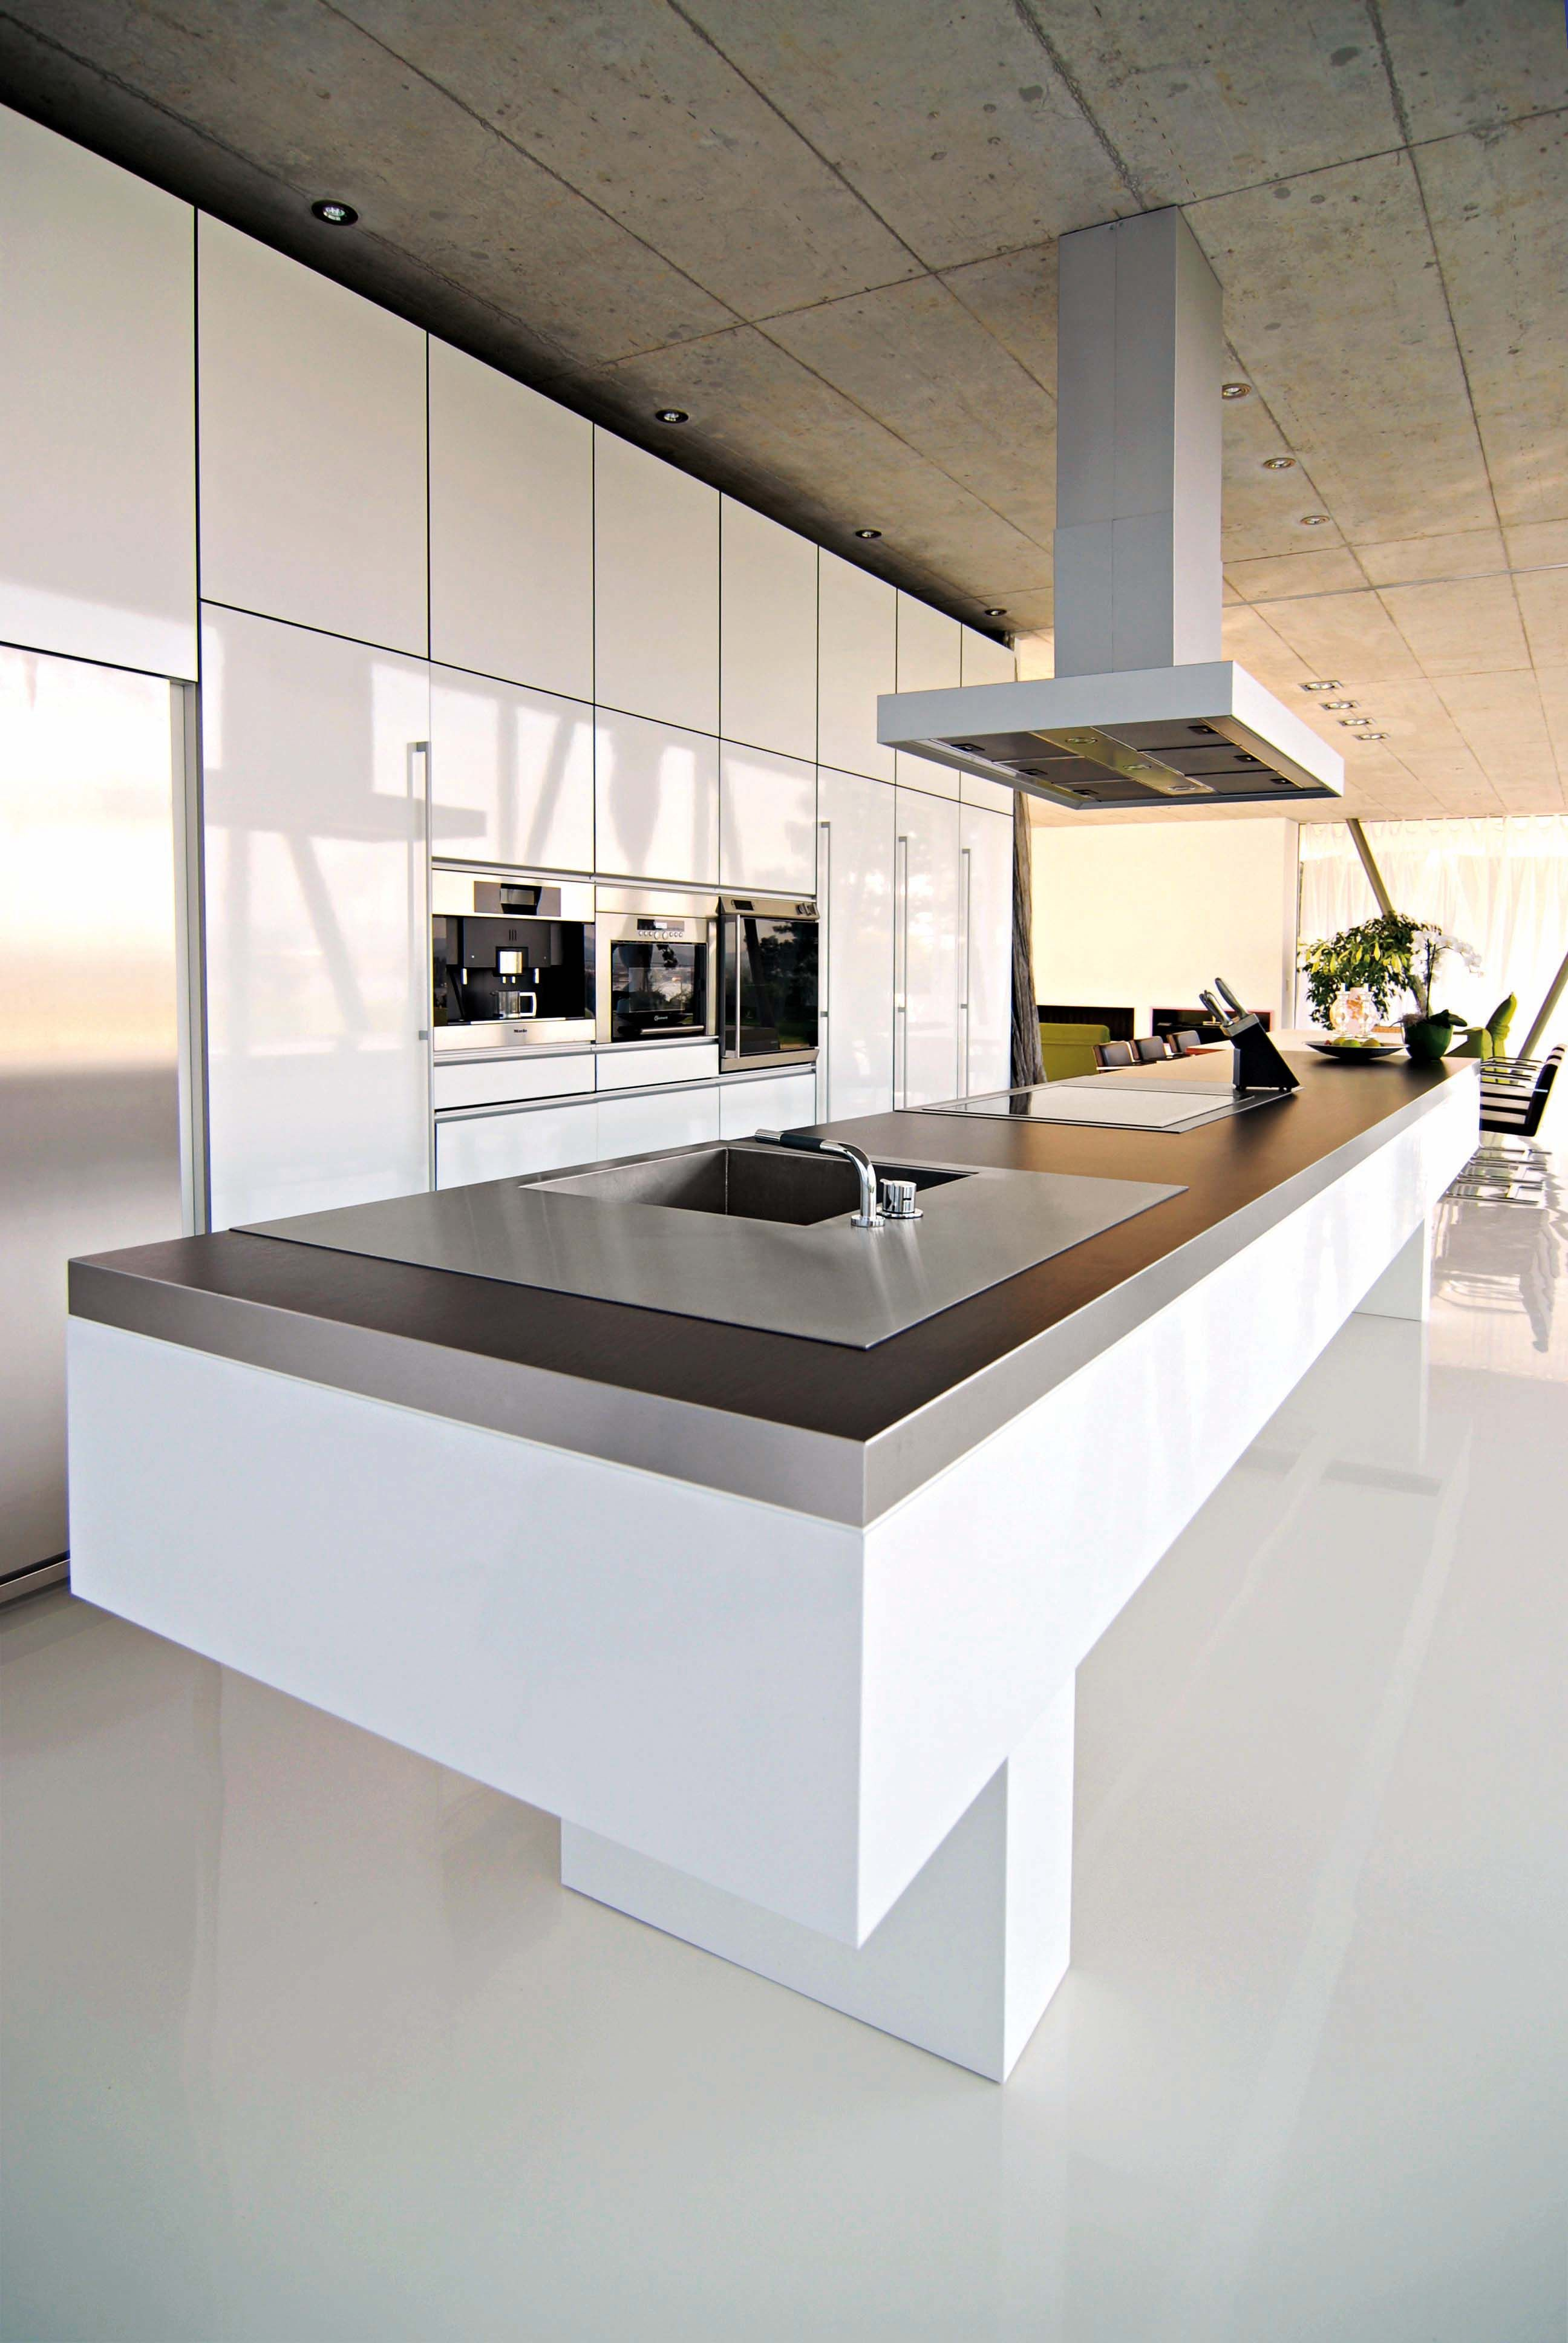 Decke aus sichtbeton kitchen modern modern interiors for Geschenkideen küche